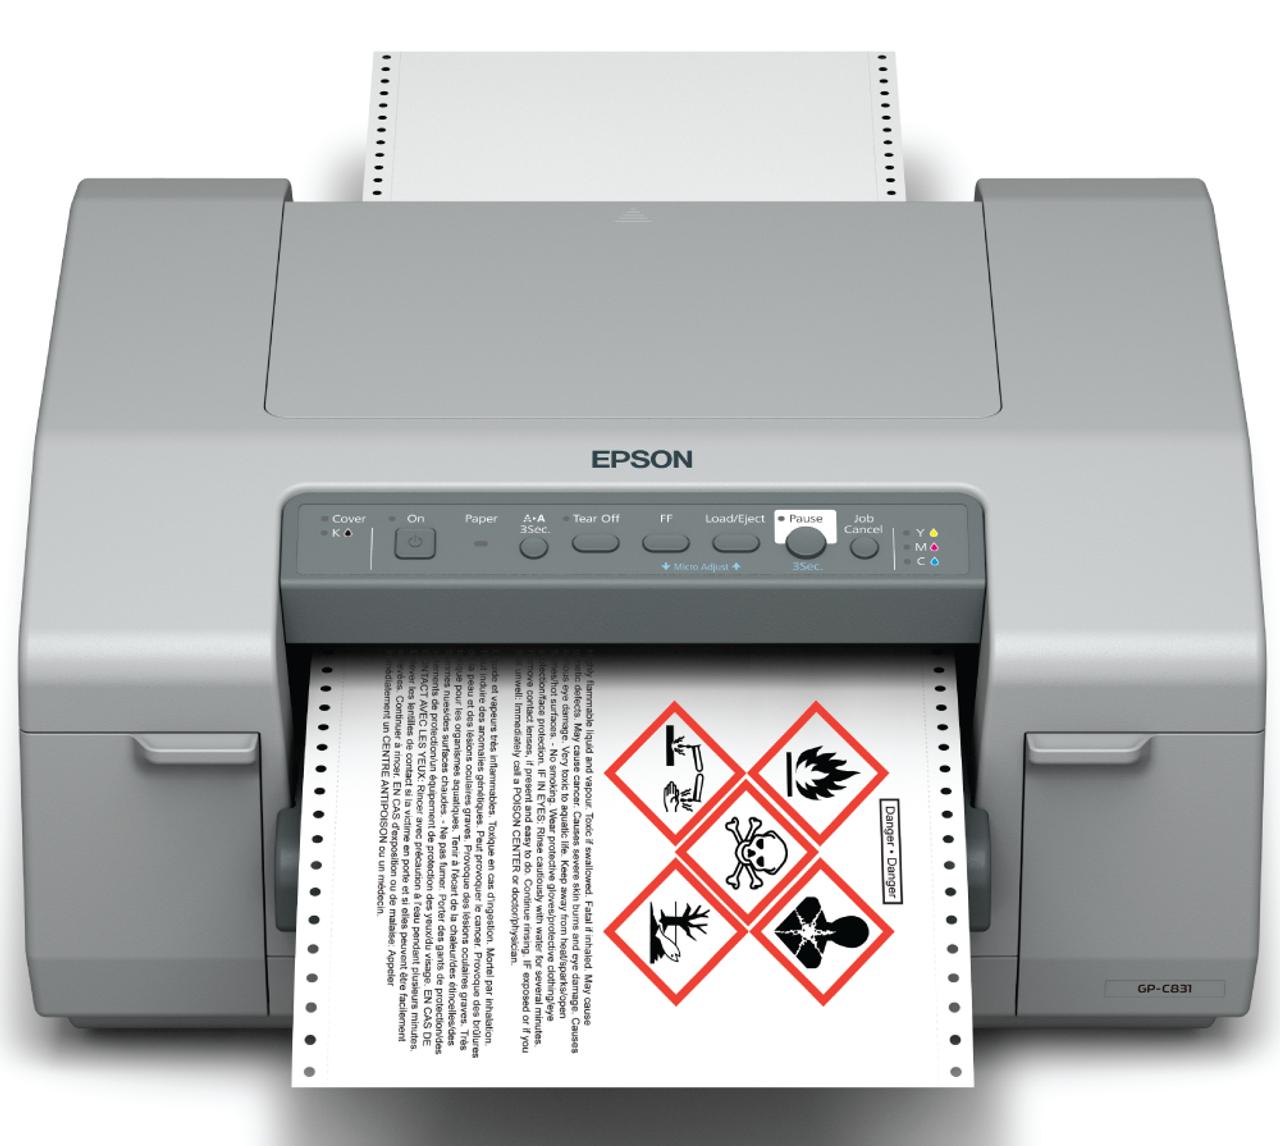 Epson GP-C831 Label Printer | Drum Label Printer C11CC68A9971